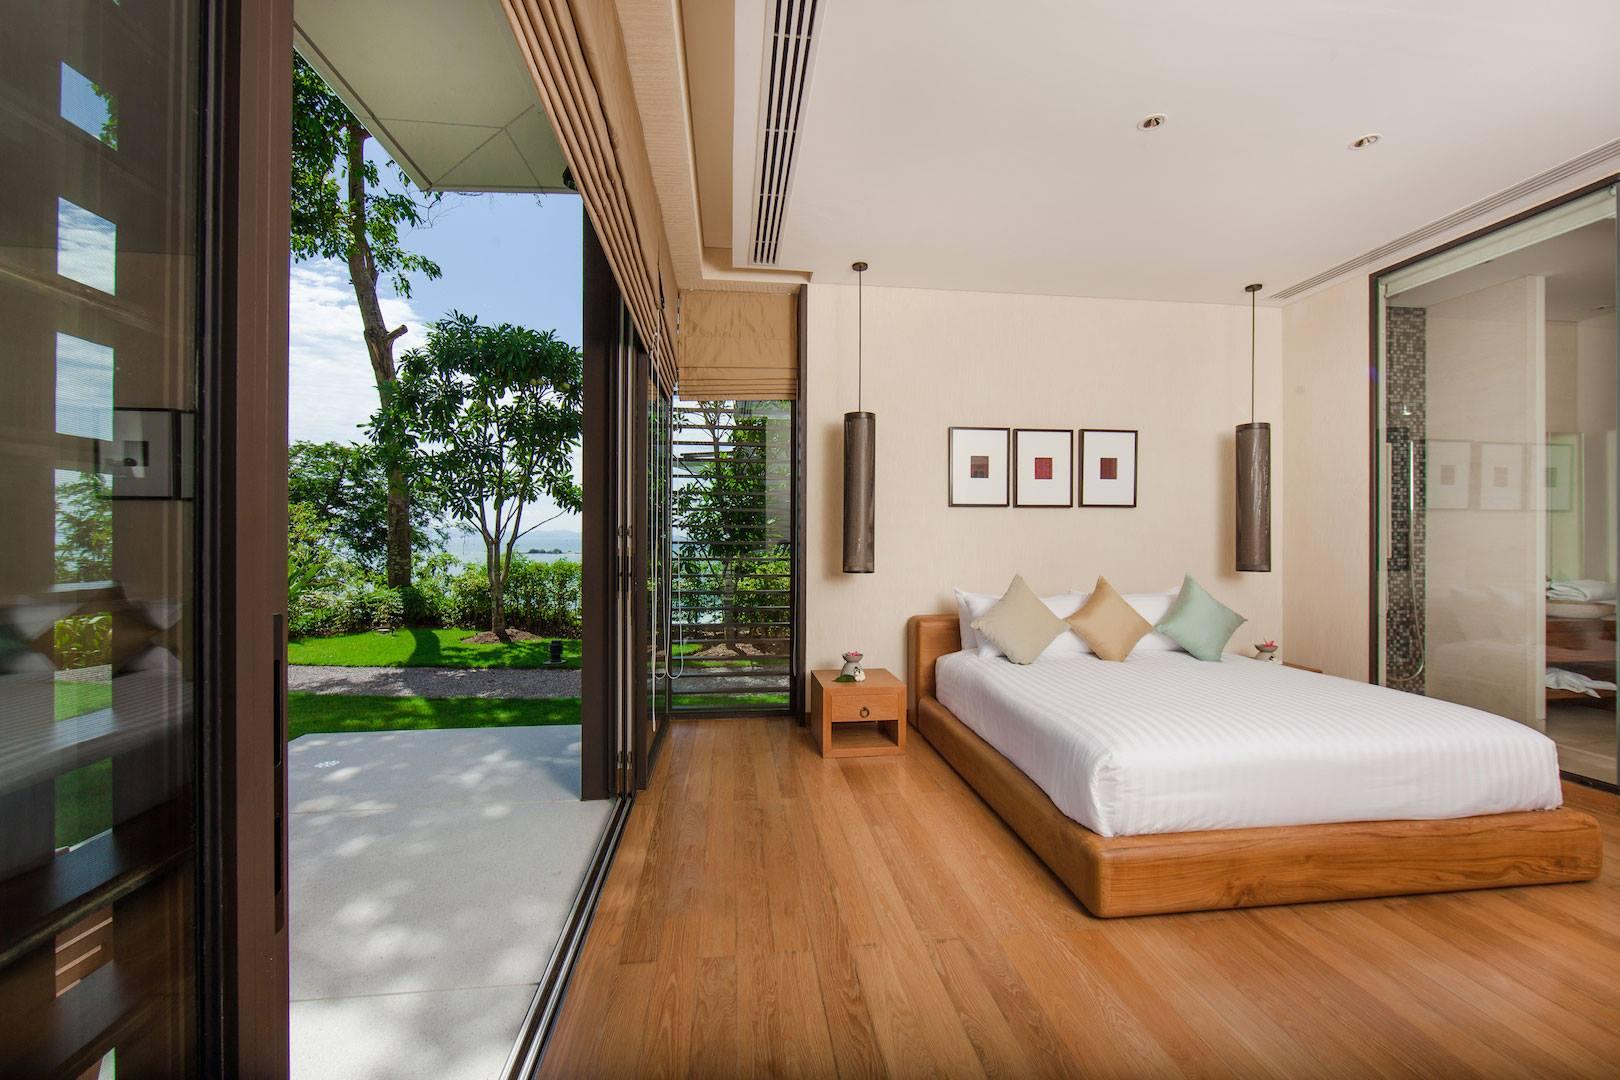 Phòng ngủ - Nội thất biệt thự 1 tầng phong cách châu Âu